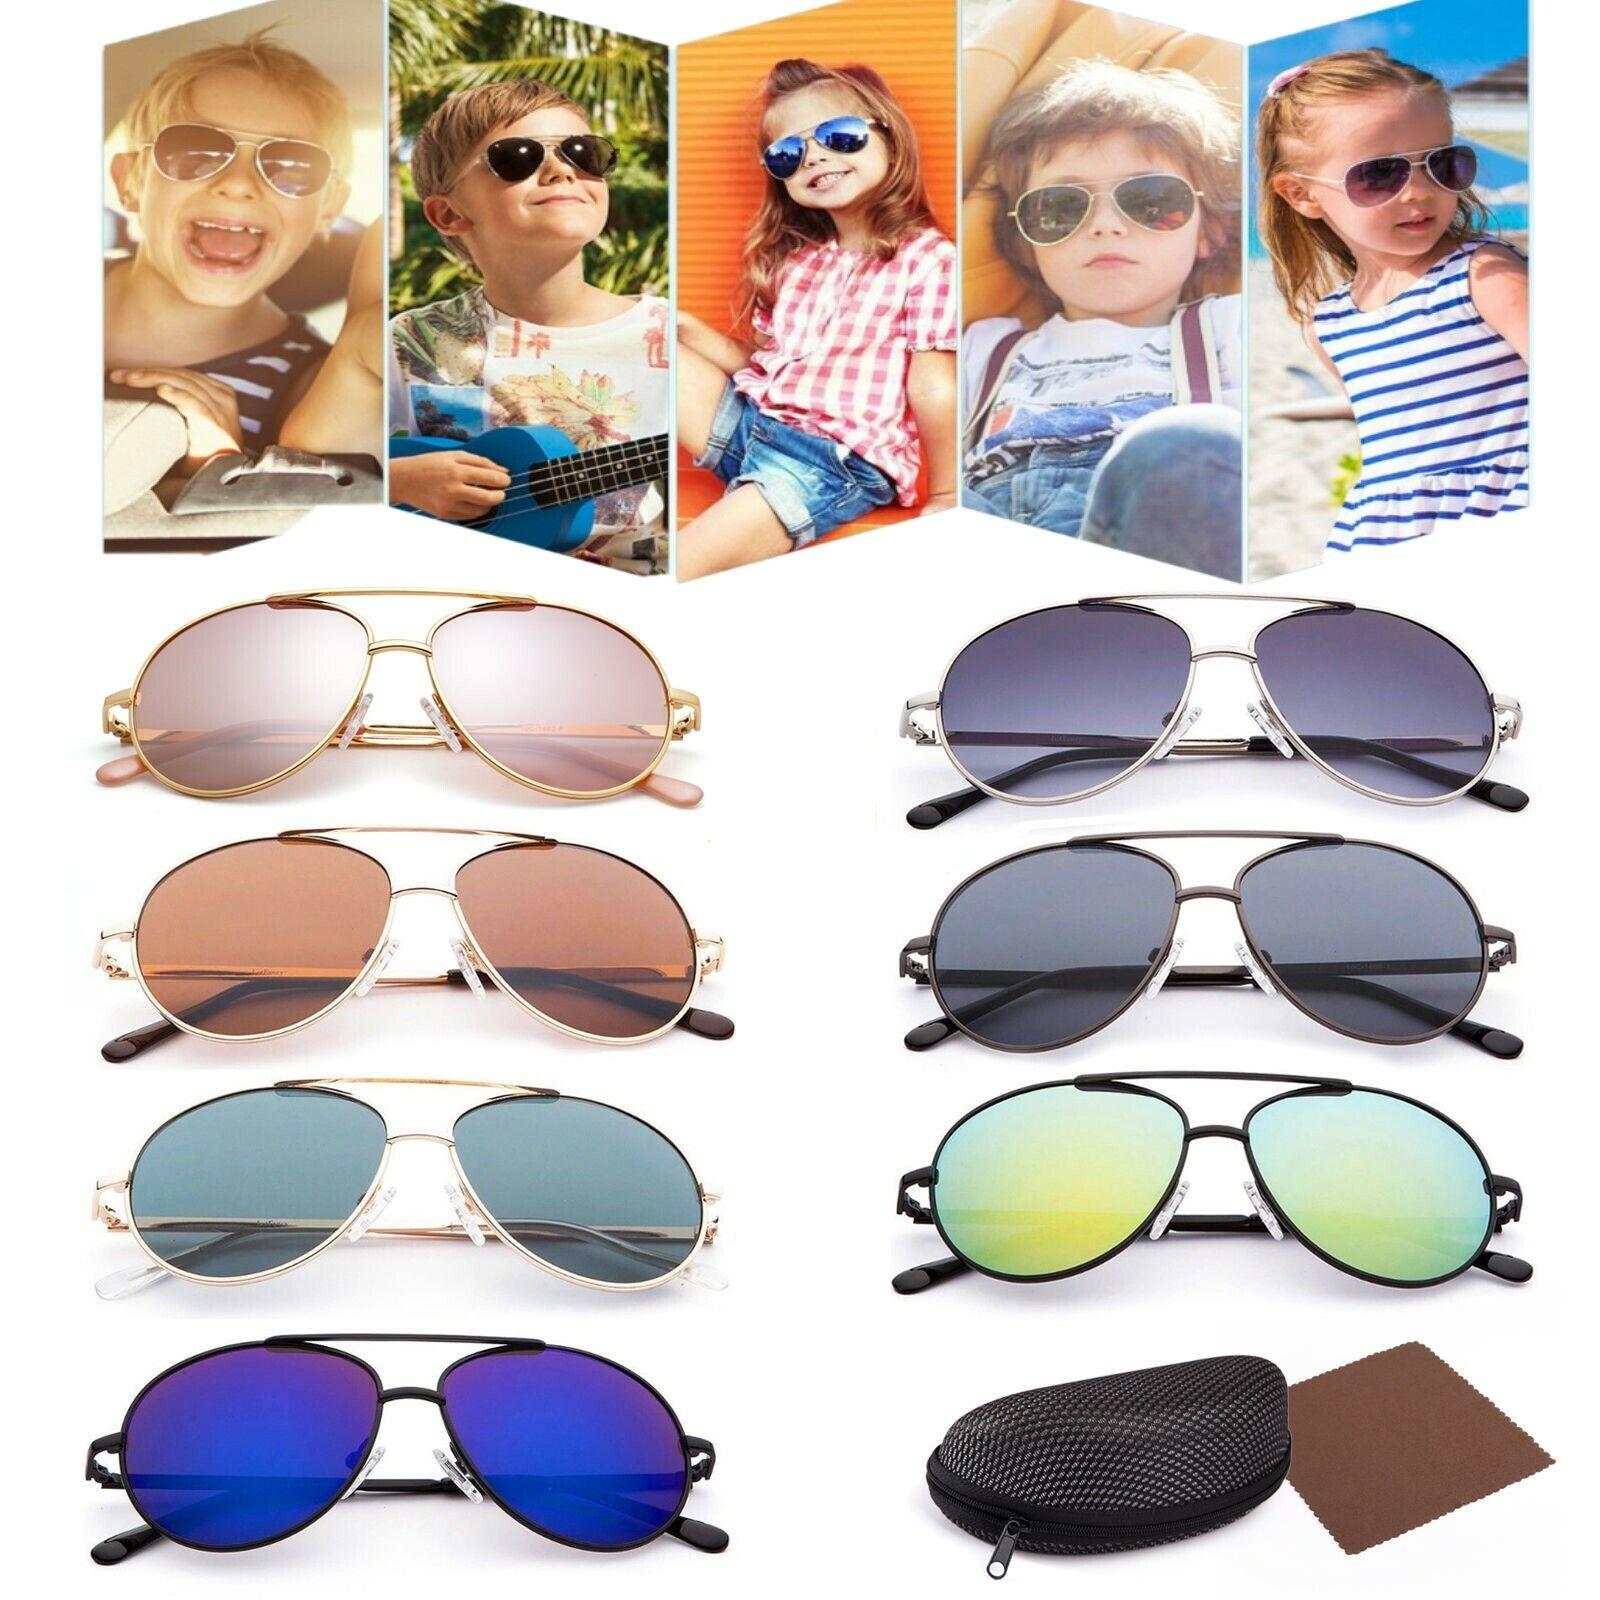 Sunglasses Gift for Kids Children Boys Girls Babies 6 7 8 9